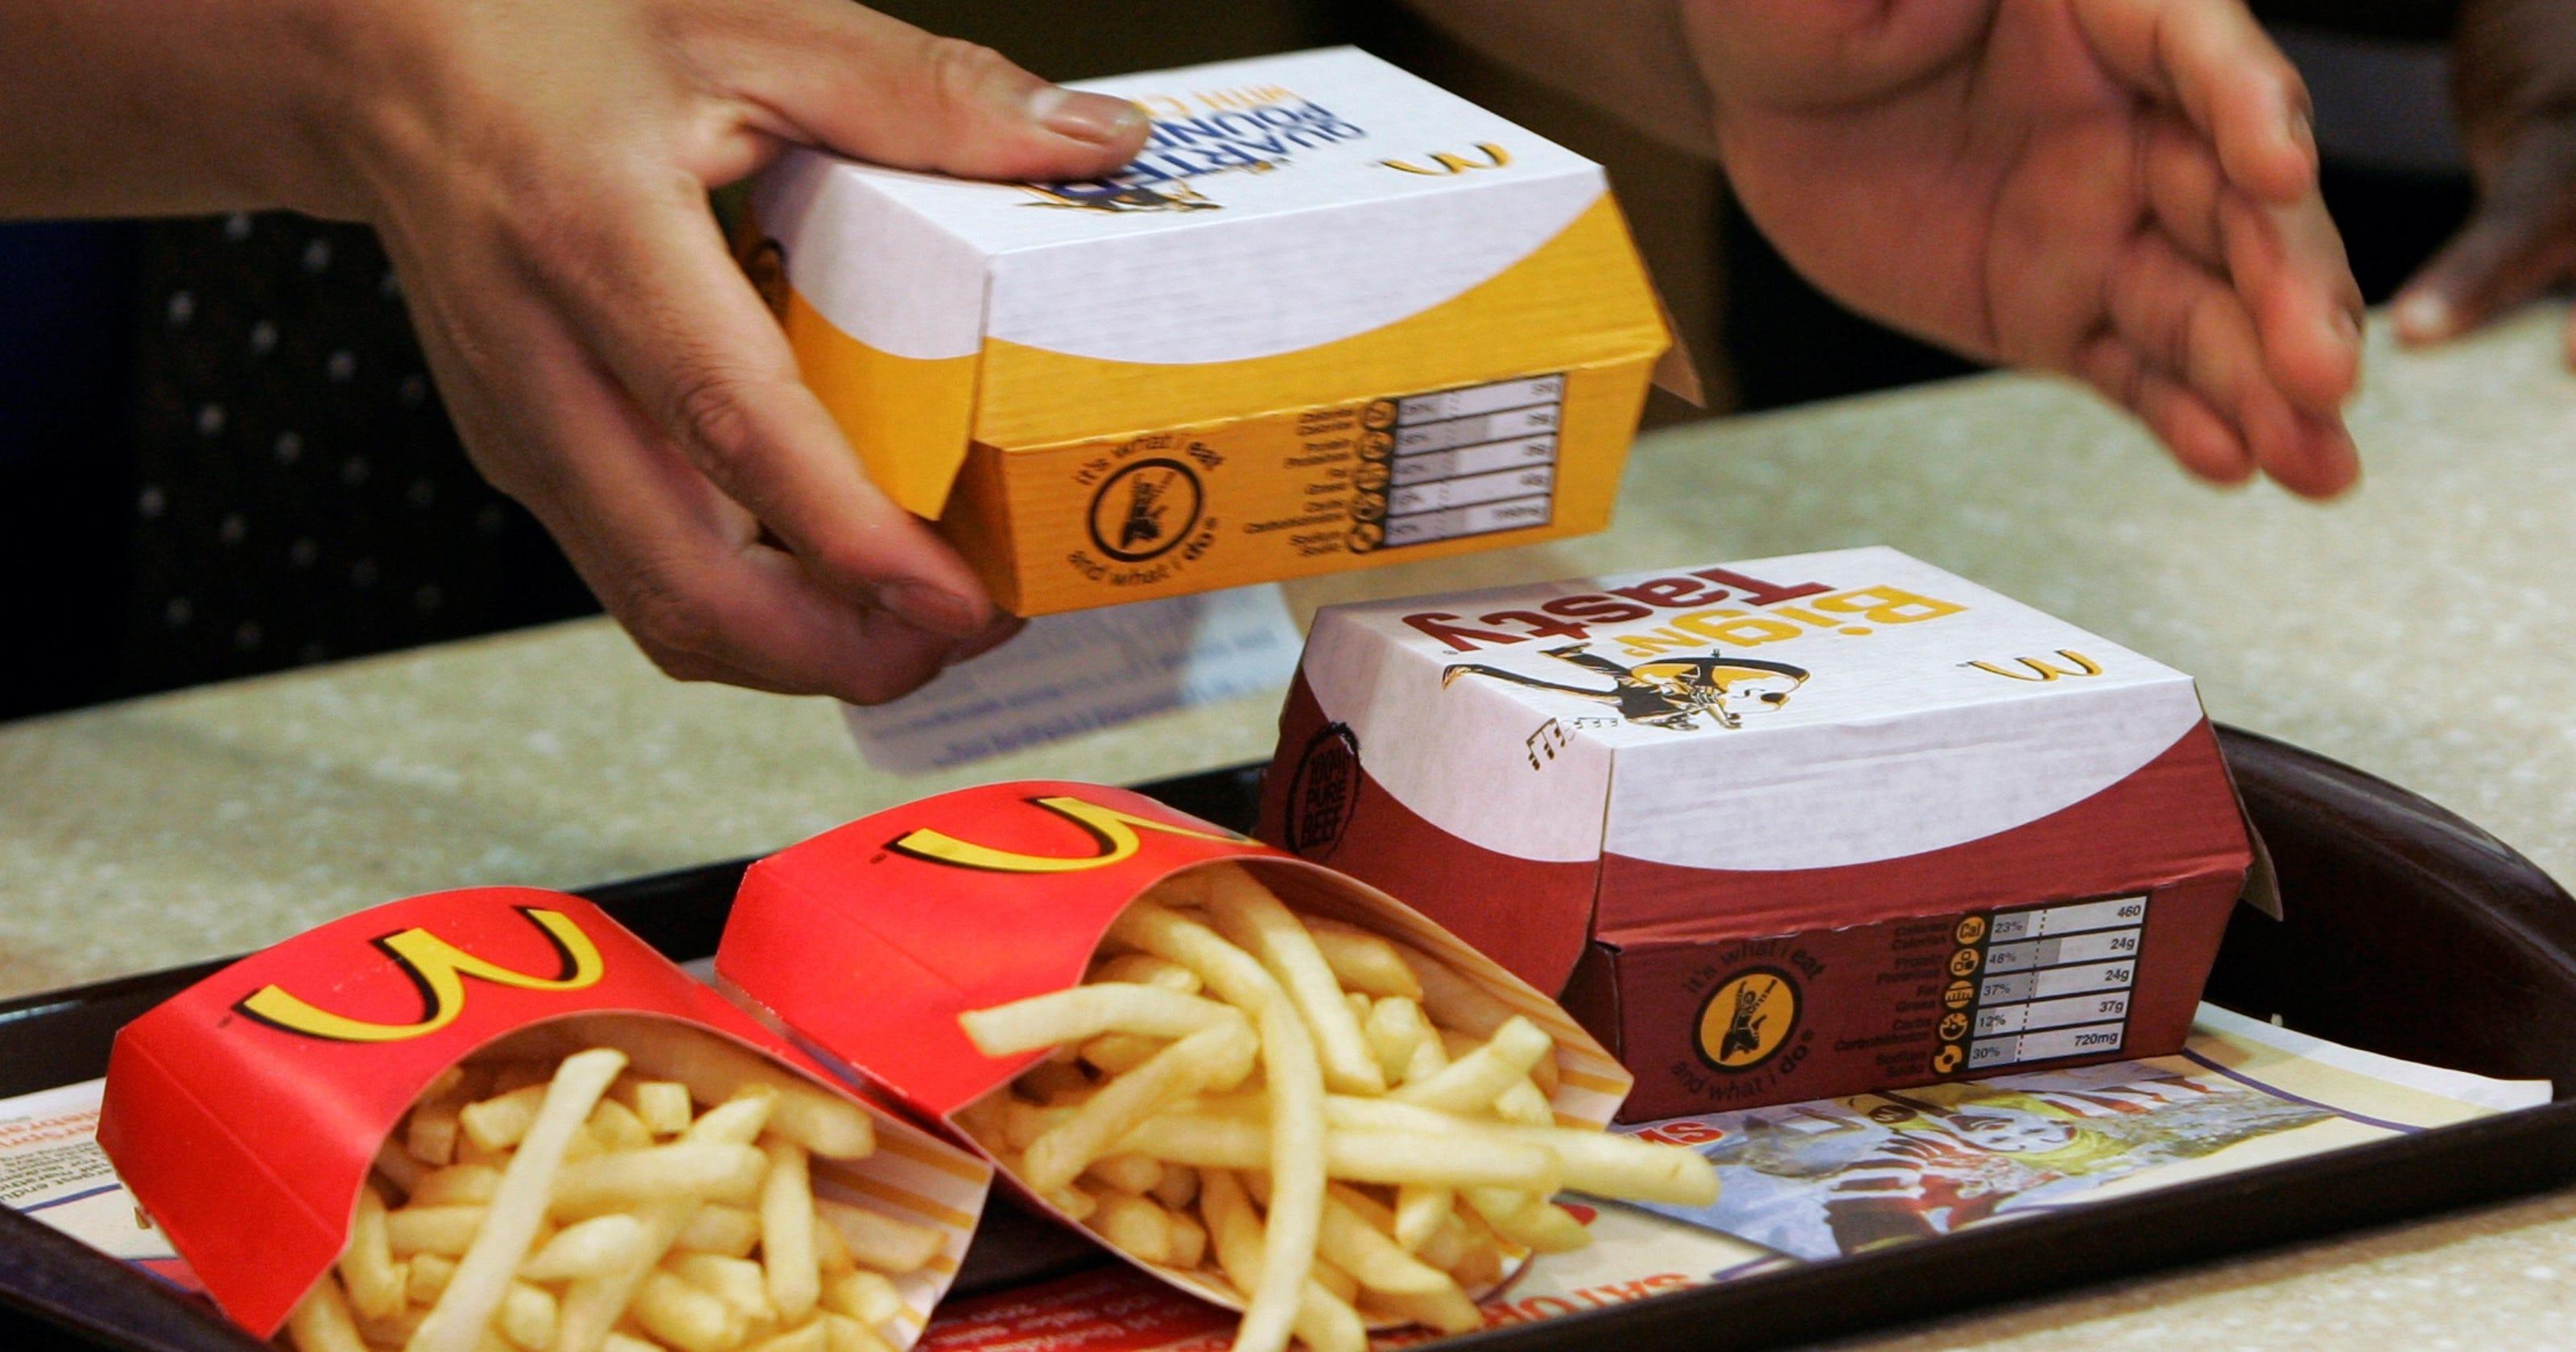 mcdonald's: breakfast or dinner after midnight?